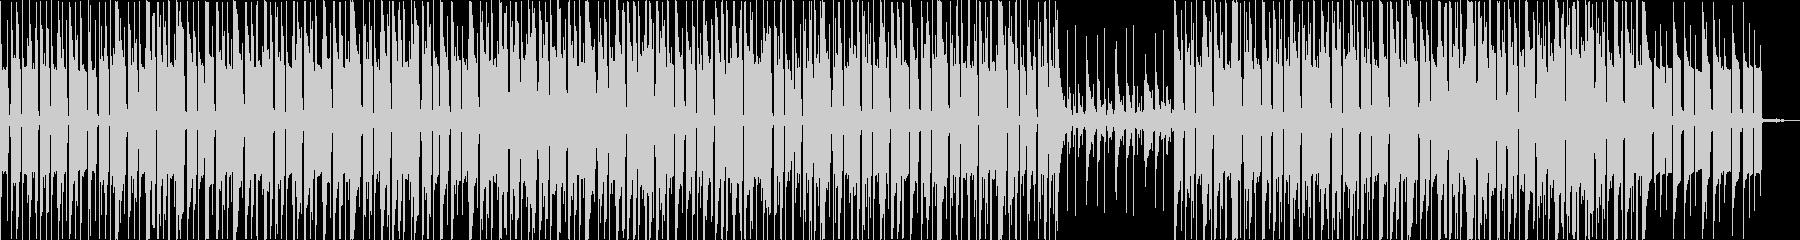 アダルトなムードのアシッドジャズの未再生の波形